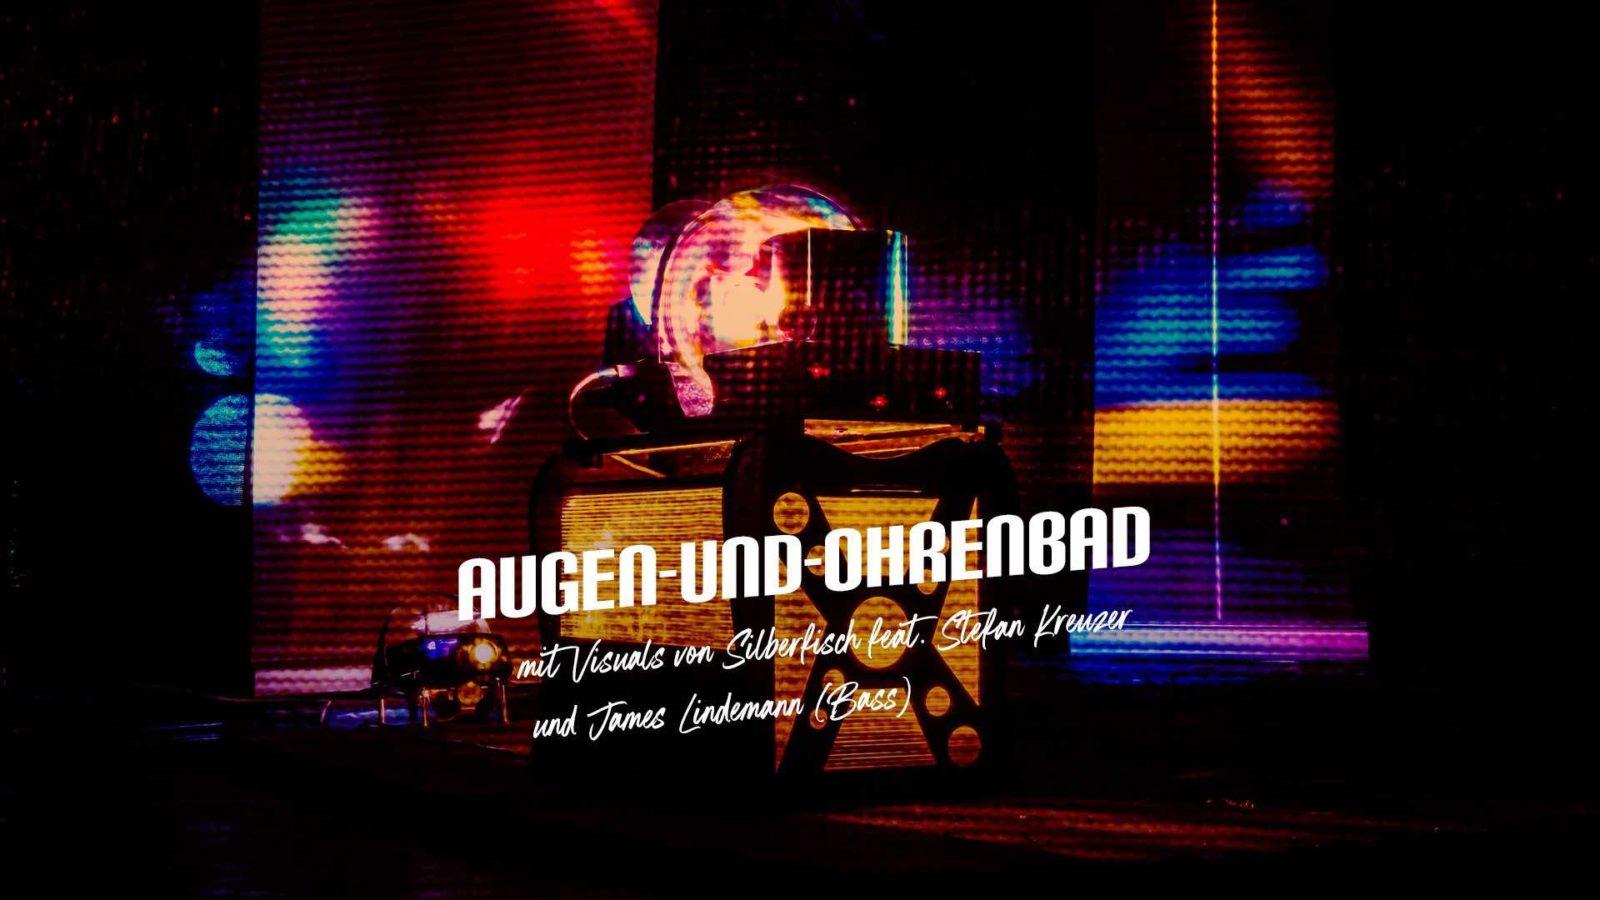 20-05-02_augen-und-ohrenbad